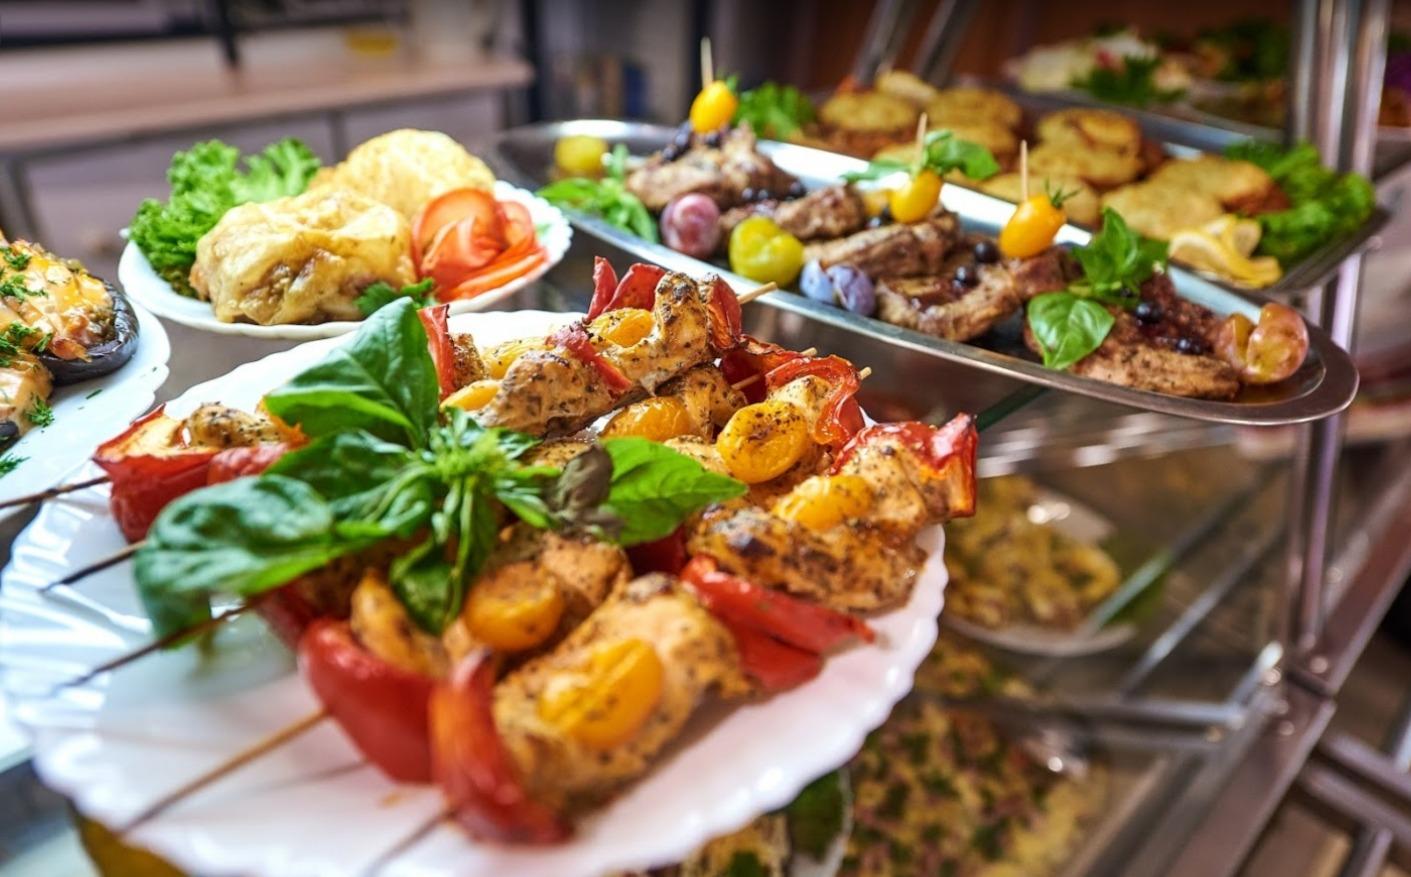 Новости Днепра про Принципы работы кафе «Шафран» – вкусная кухня, уют и гостеприимство